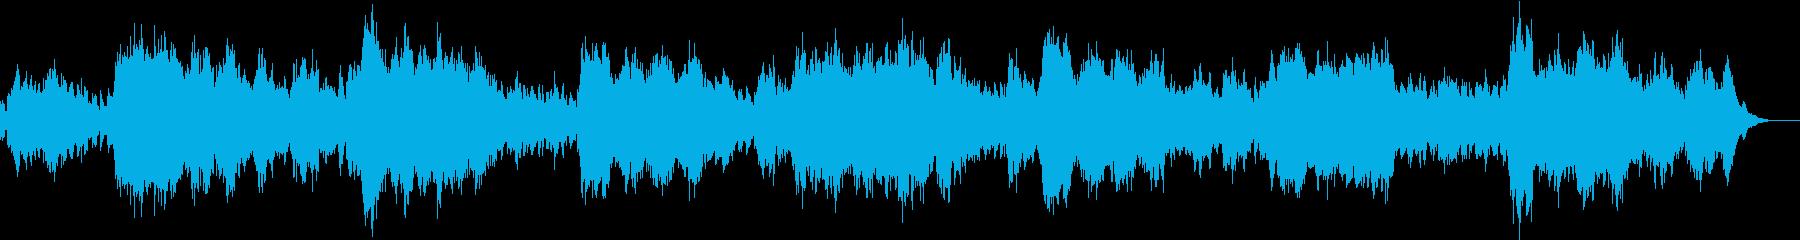 ゆったりと仄暗い曲の再生済みの波形